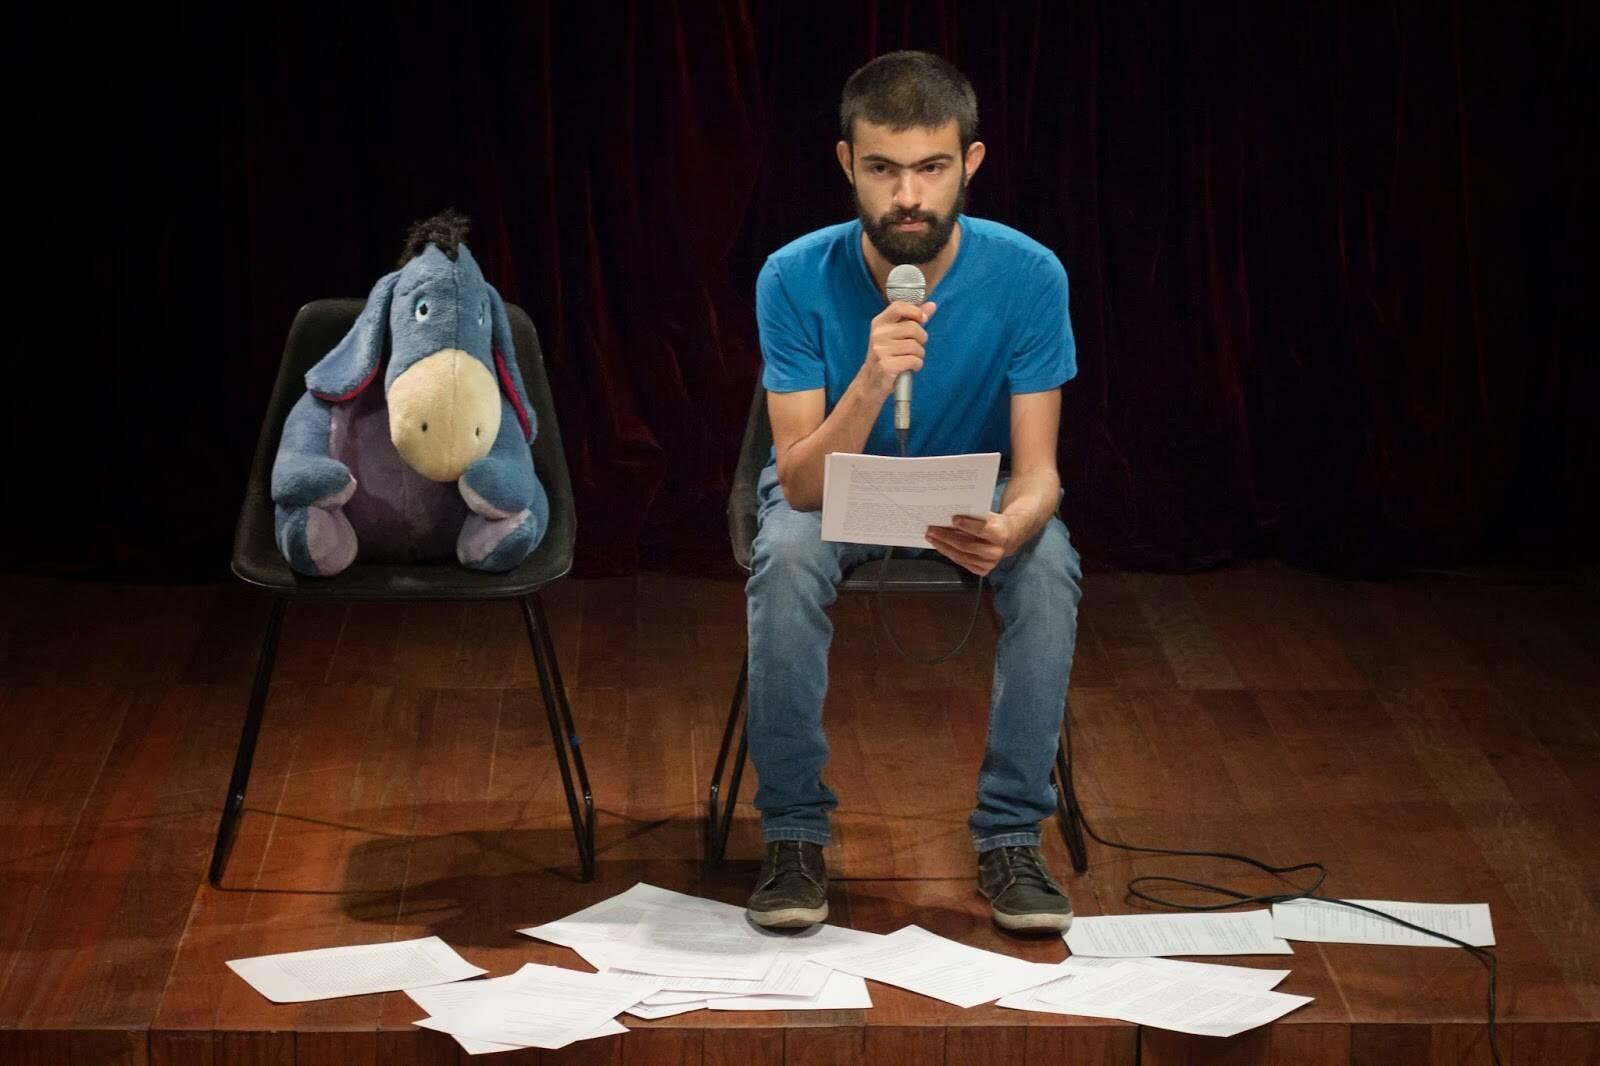 Foto: Teatro RJ/ Divulgação